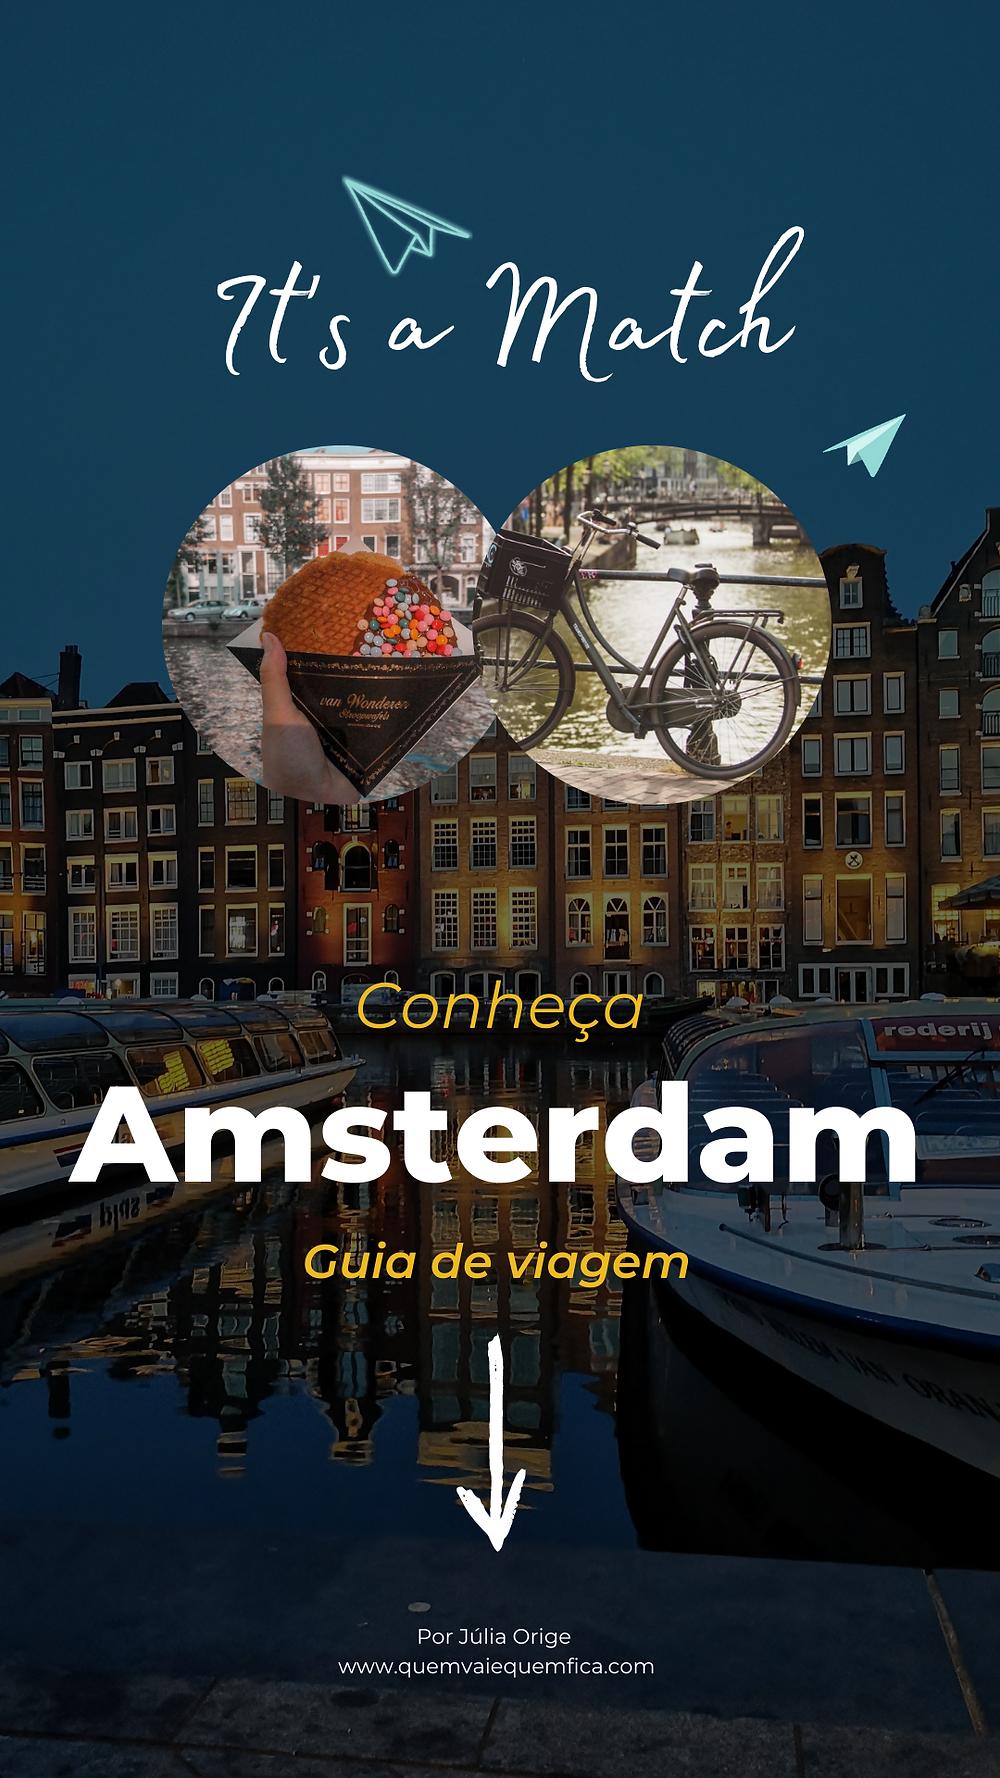 Guia de viagem Amsterdam